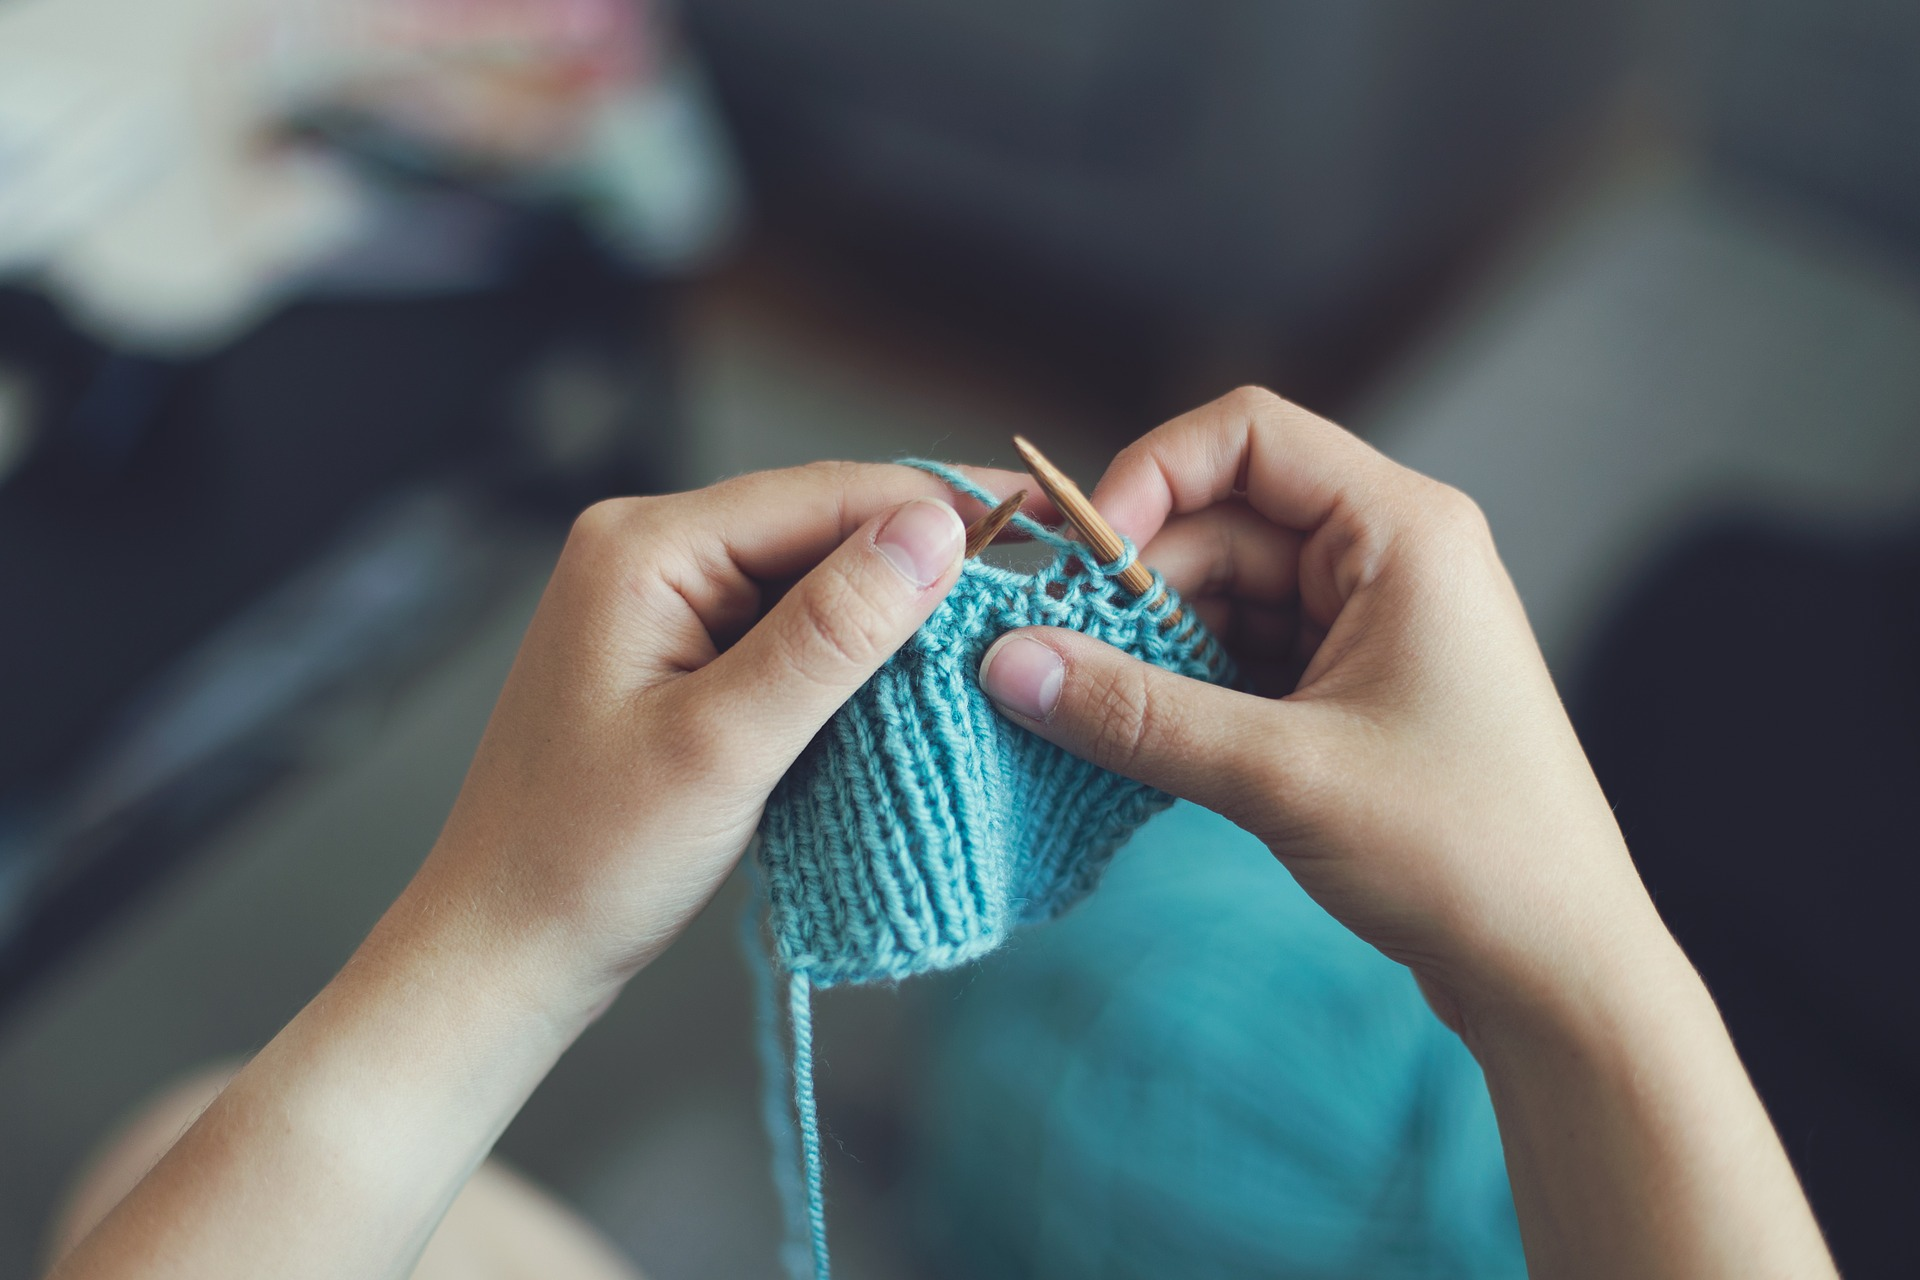 Learn to Knit & Crochet